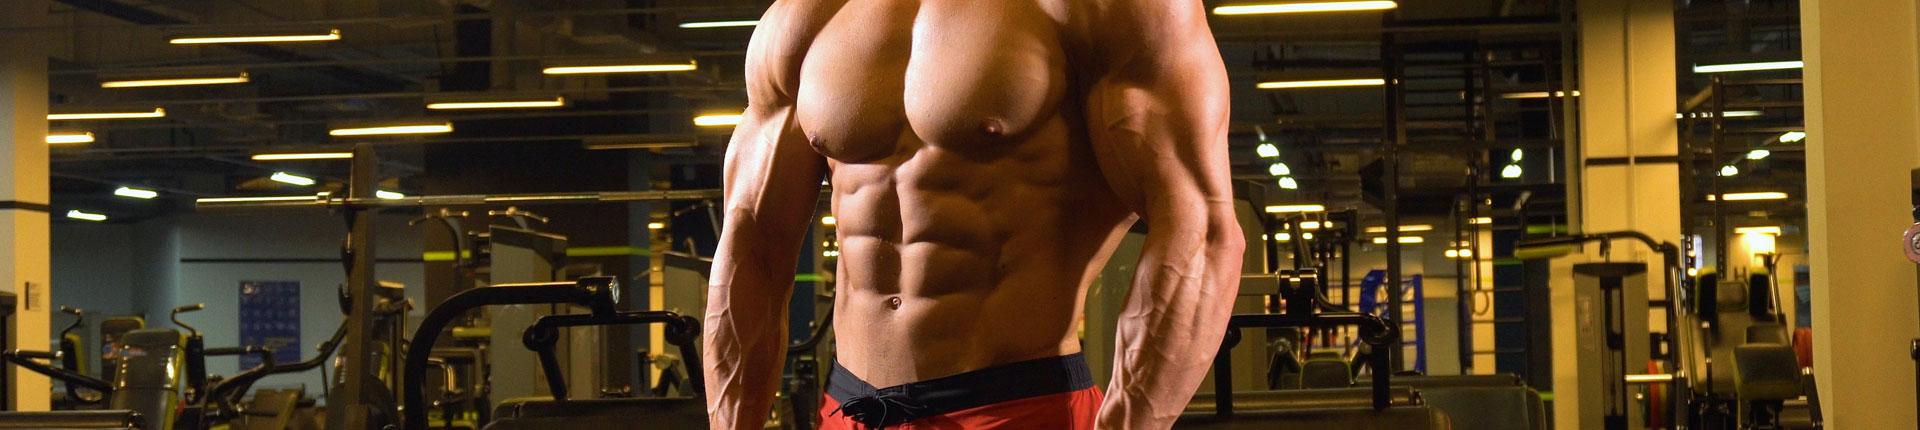 Trening ekscentryczny: metodą na wzrost siły i masy?